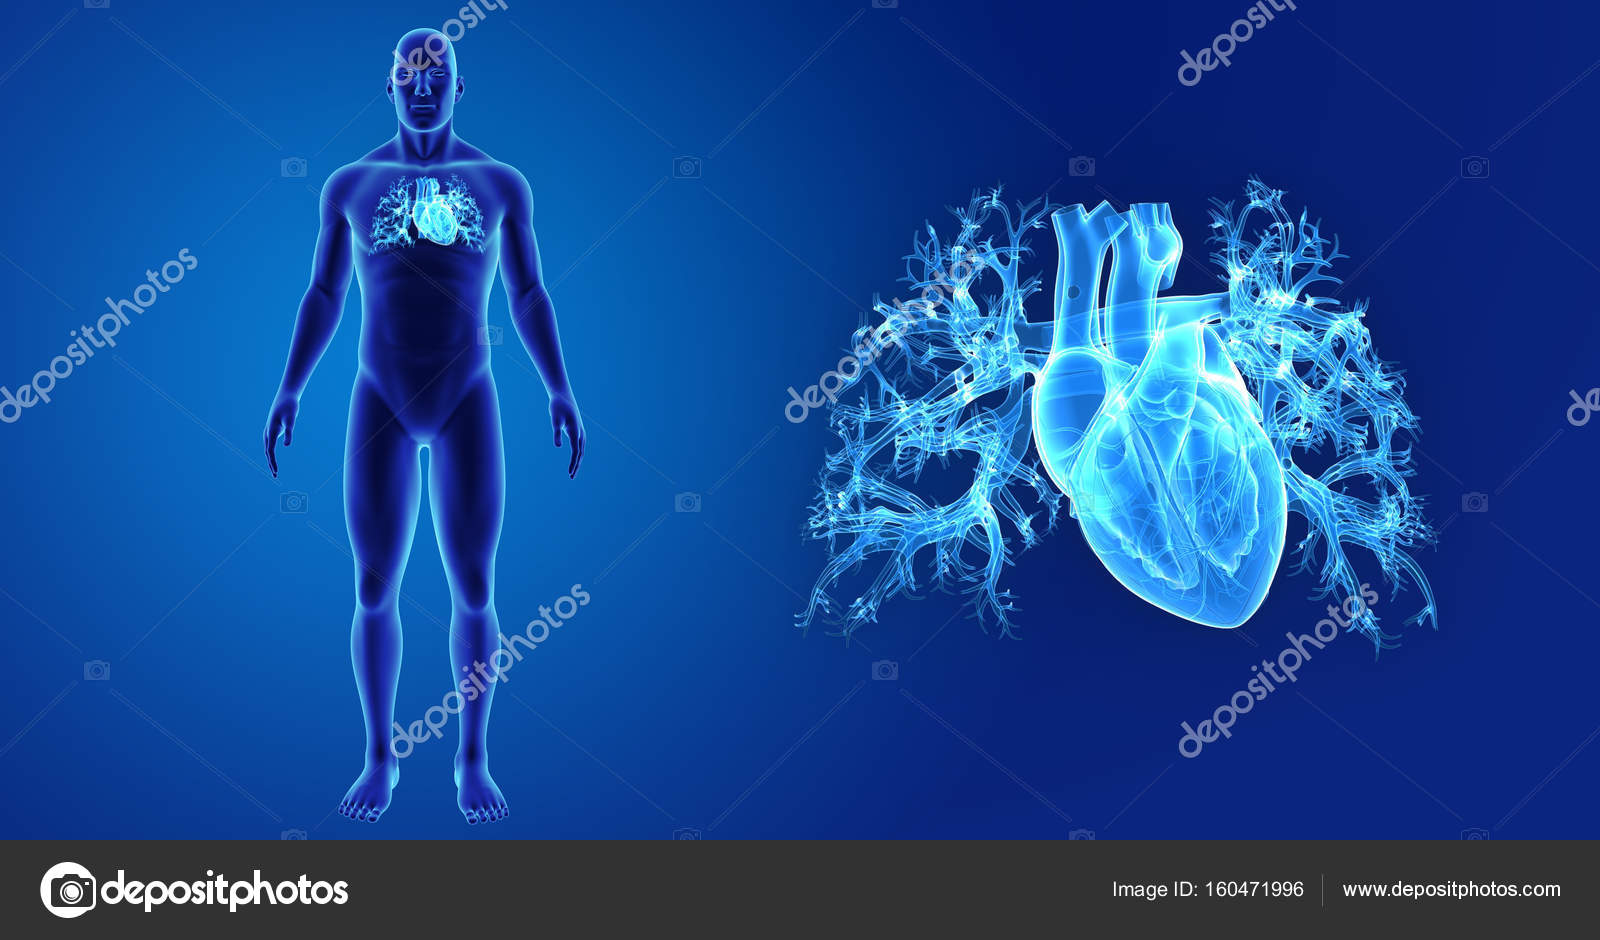 Zoom de corazón con el cuerpo — Foto de stock © sciencepics #160471996